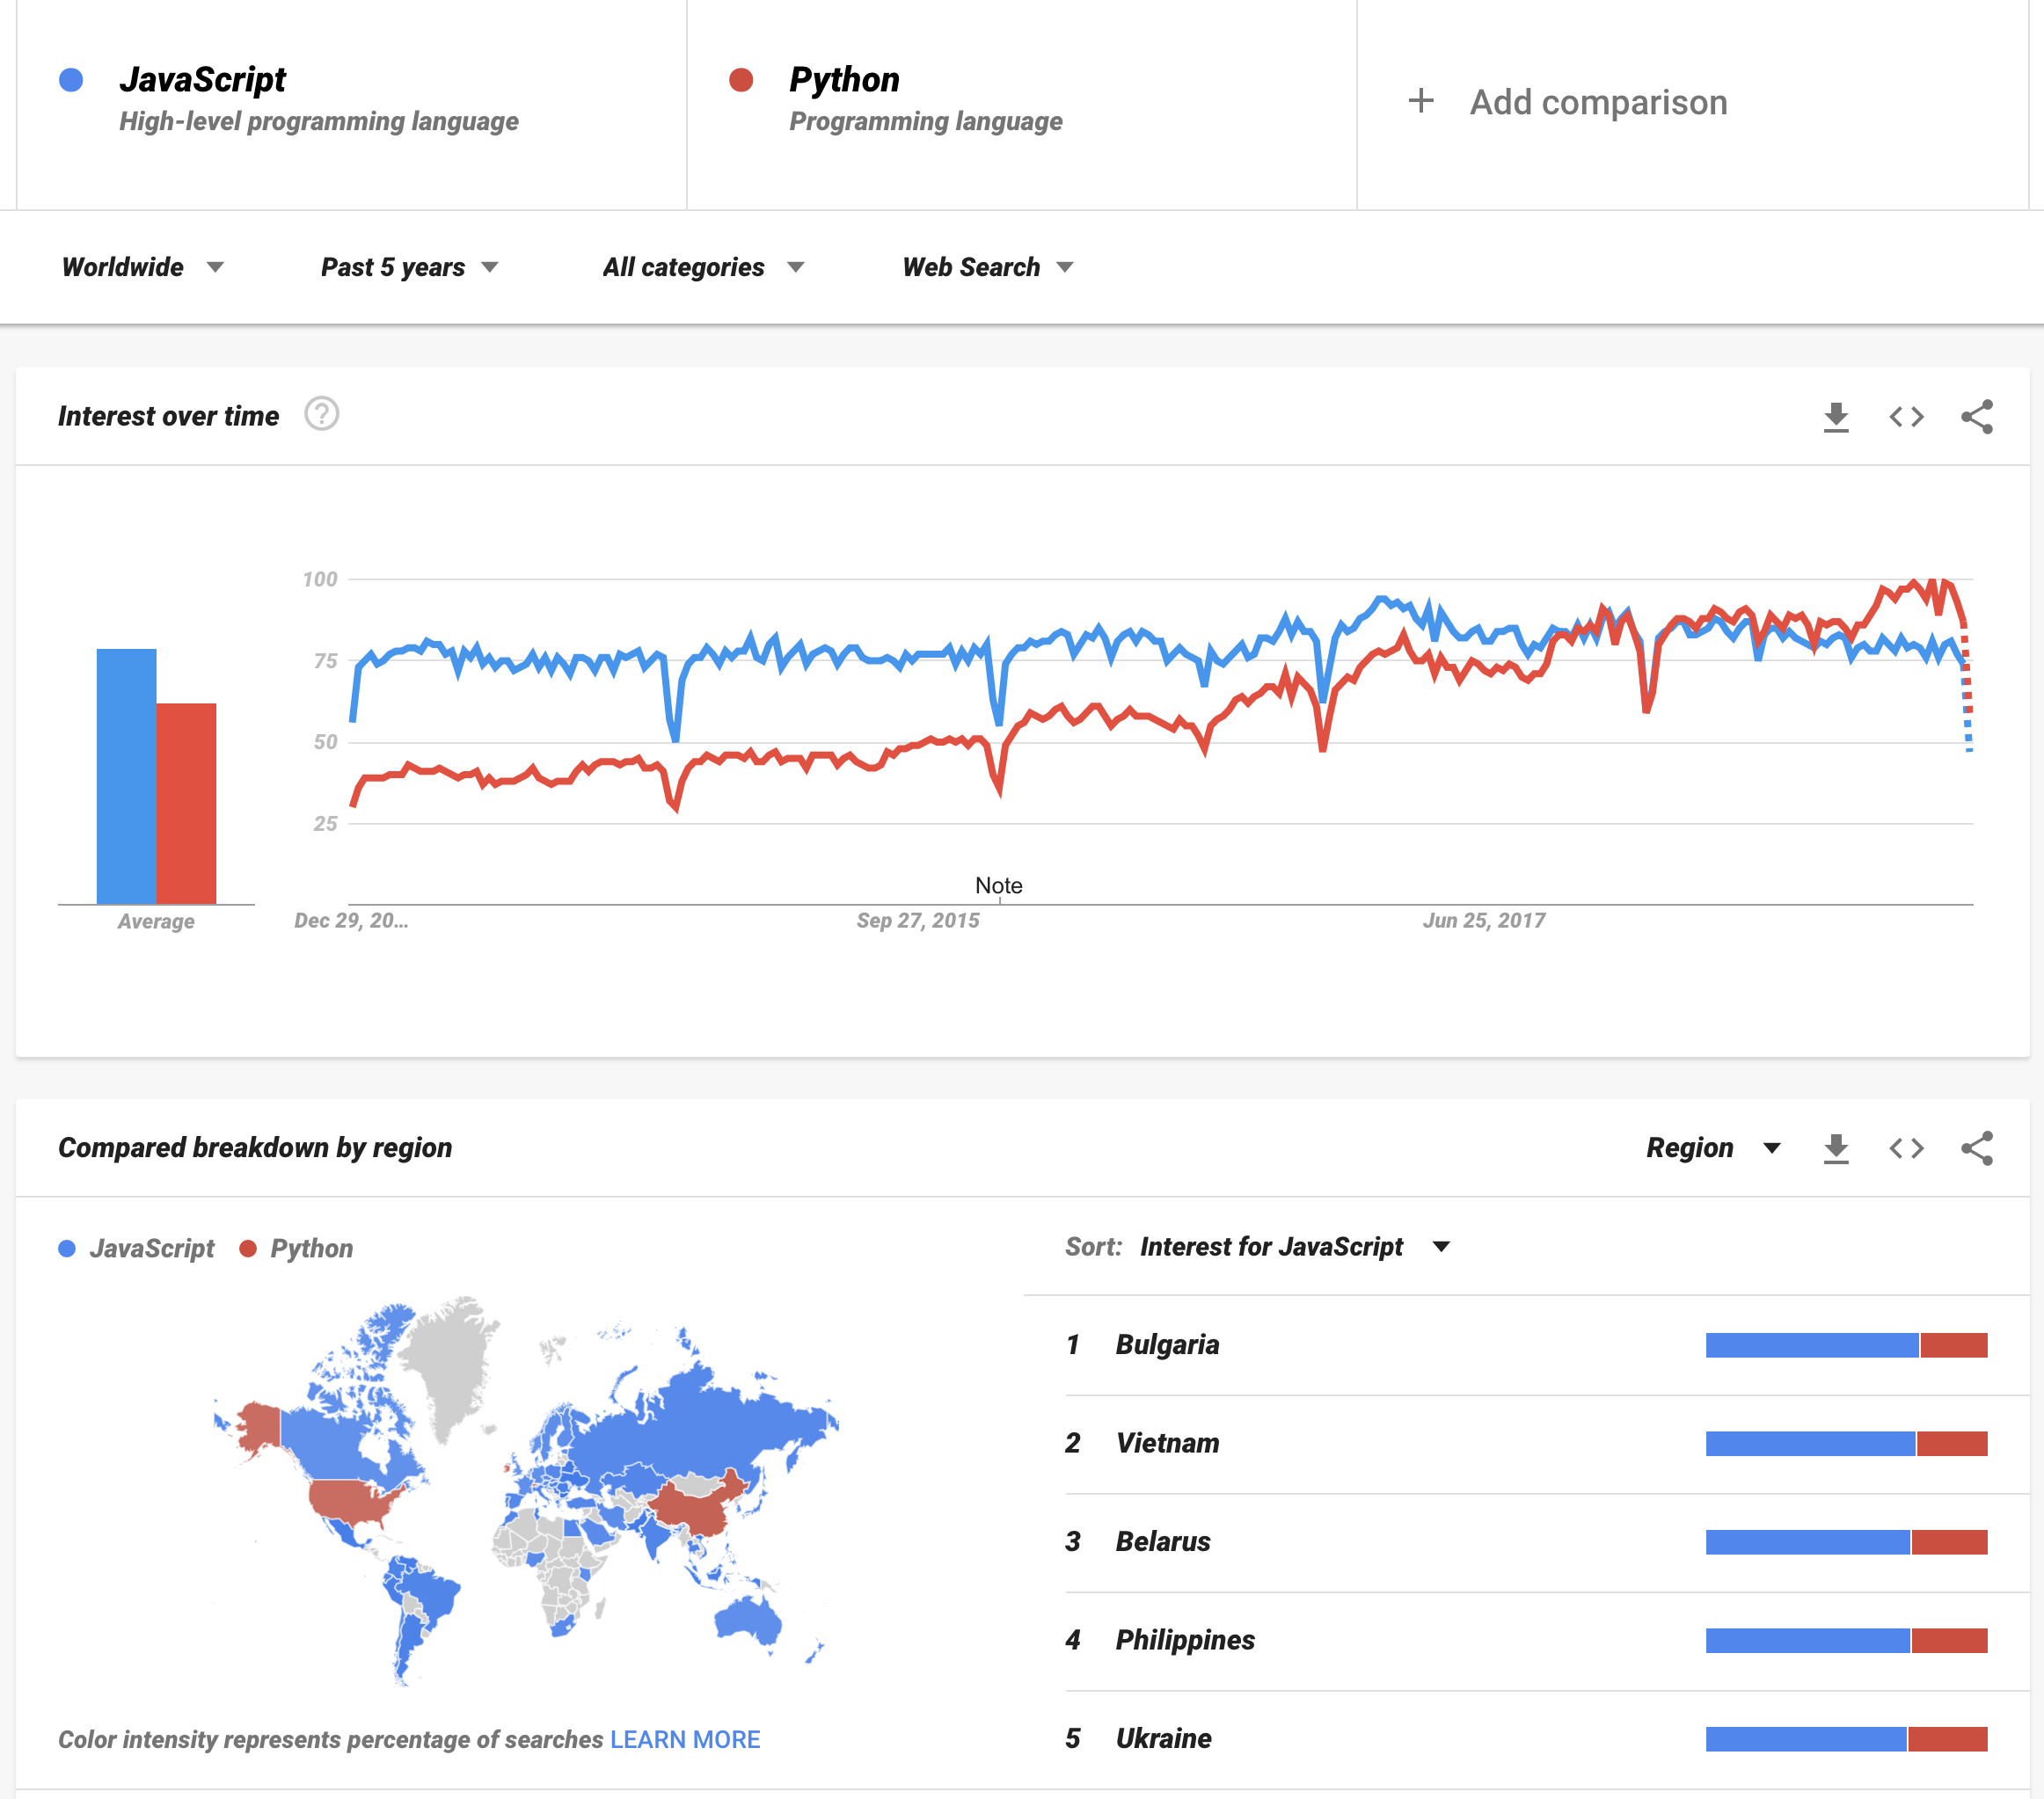 JavaScript vs. Python, Worldwide, last 5 years